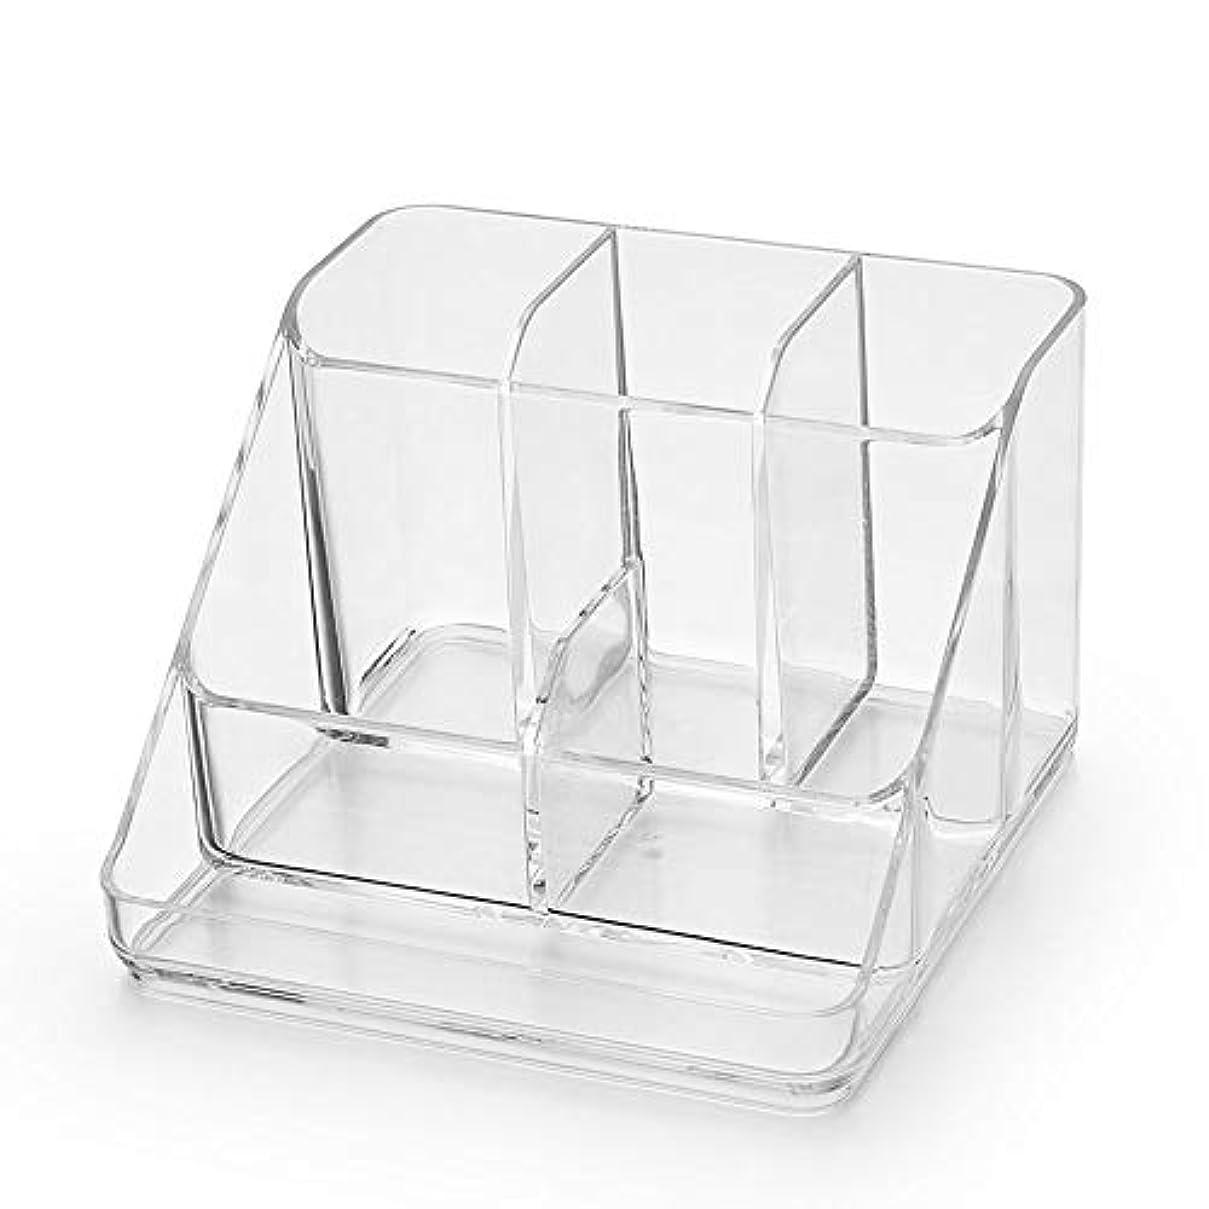 本ショートカット西Synziar 収納ボックス 化粧 メイクボックス 透明 高品質 アクリル製 大容量 コスメボックス ジュエリー 小物入れ レディース 自由に組合せ